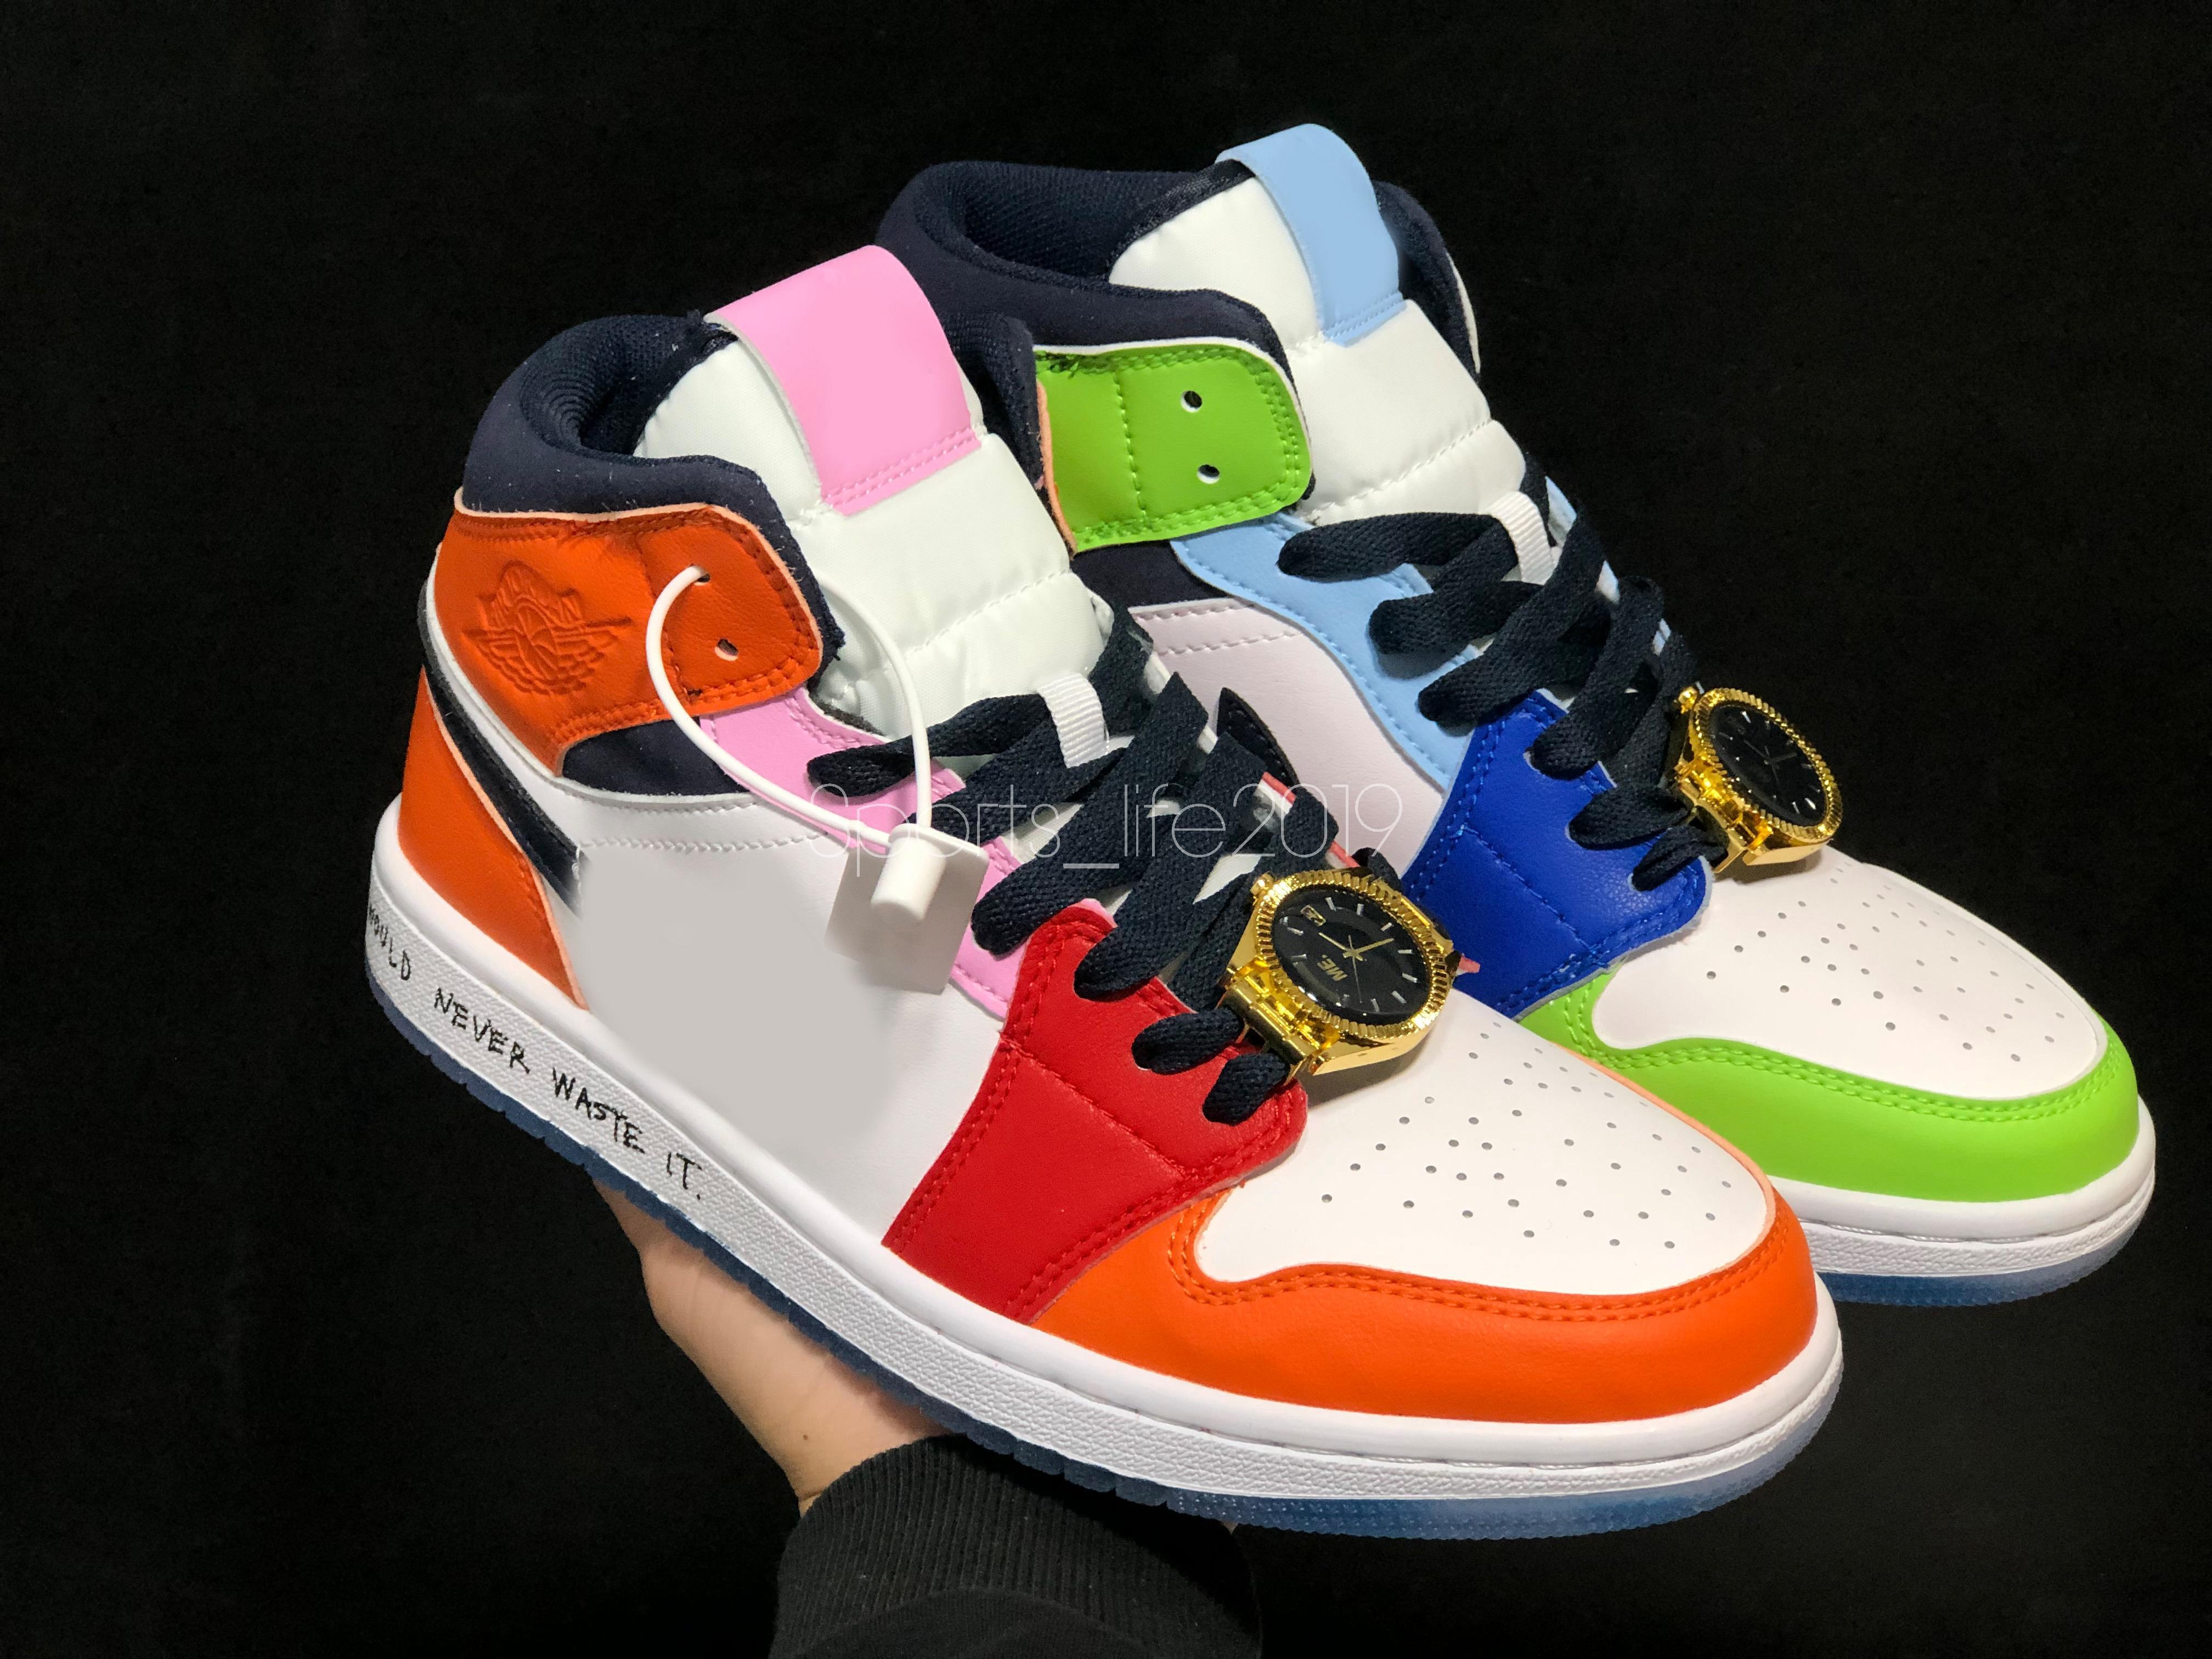 2020 Melody Ehsani x 1 Mid WMNS Donna senza paura Mens Scarpe da basket orologio Guarda il pizzo Gioiello 1s Sneakers Designer CQ7629-100 EUR36-45